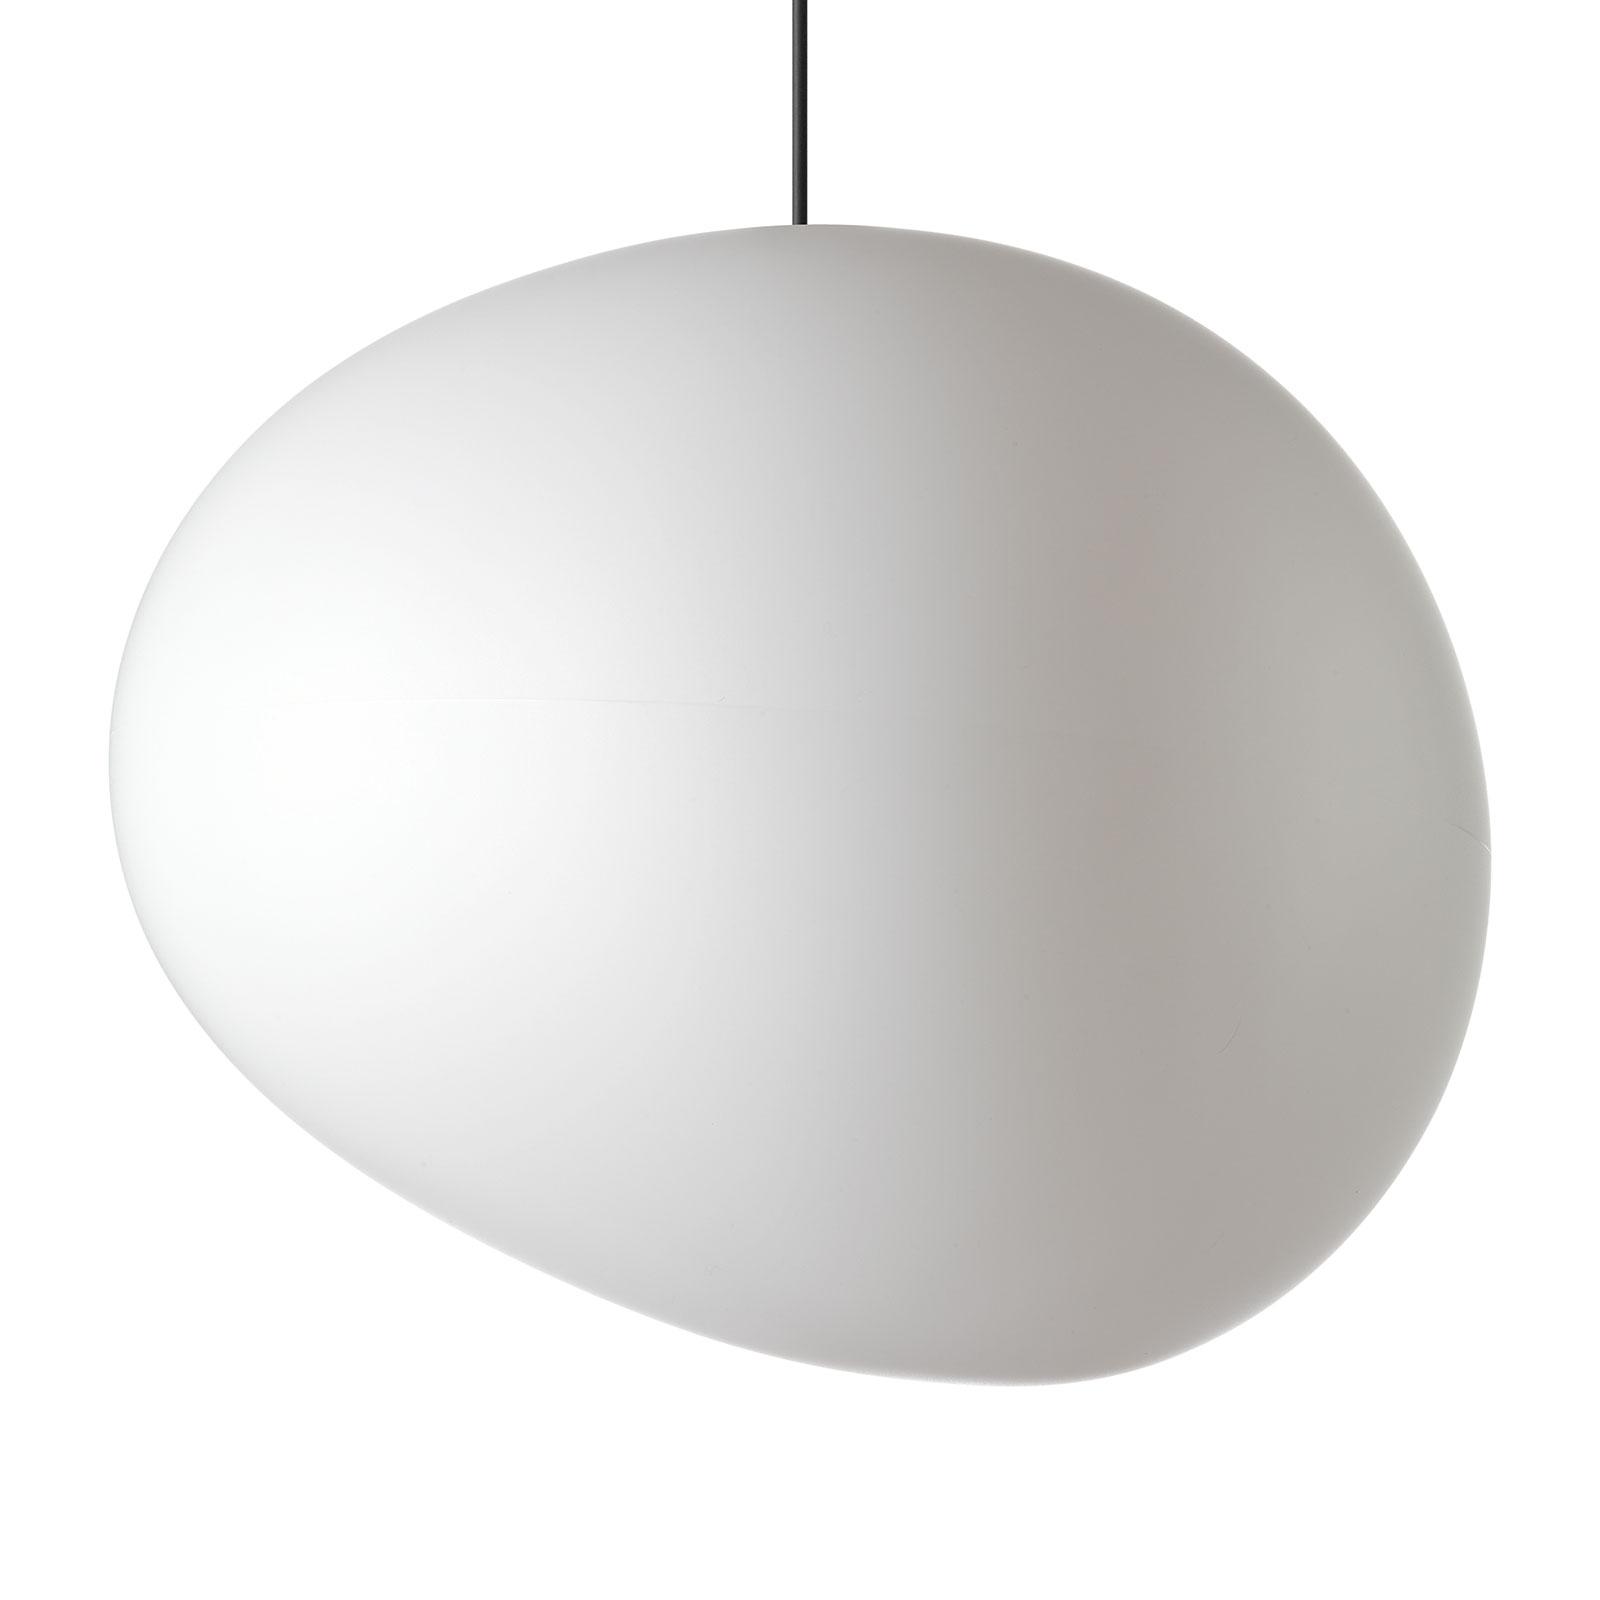 Foscarini MyLight Gregg grande LED -riippuvalaisin